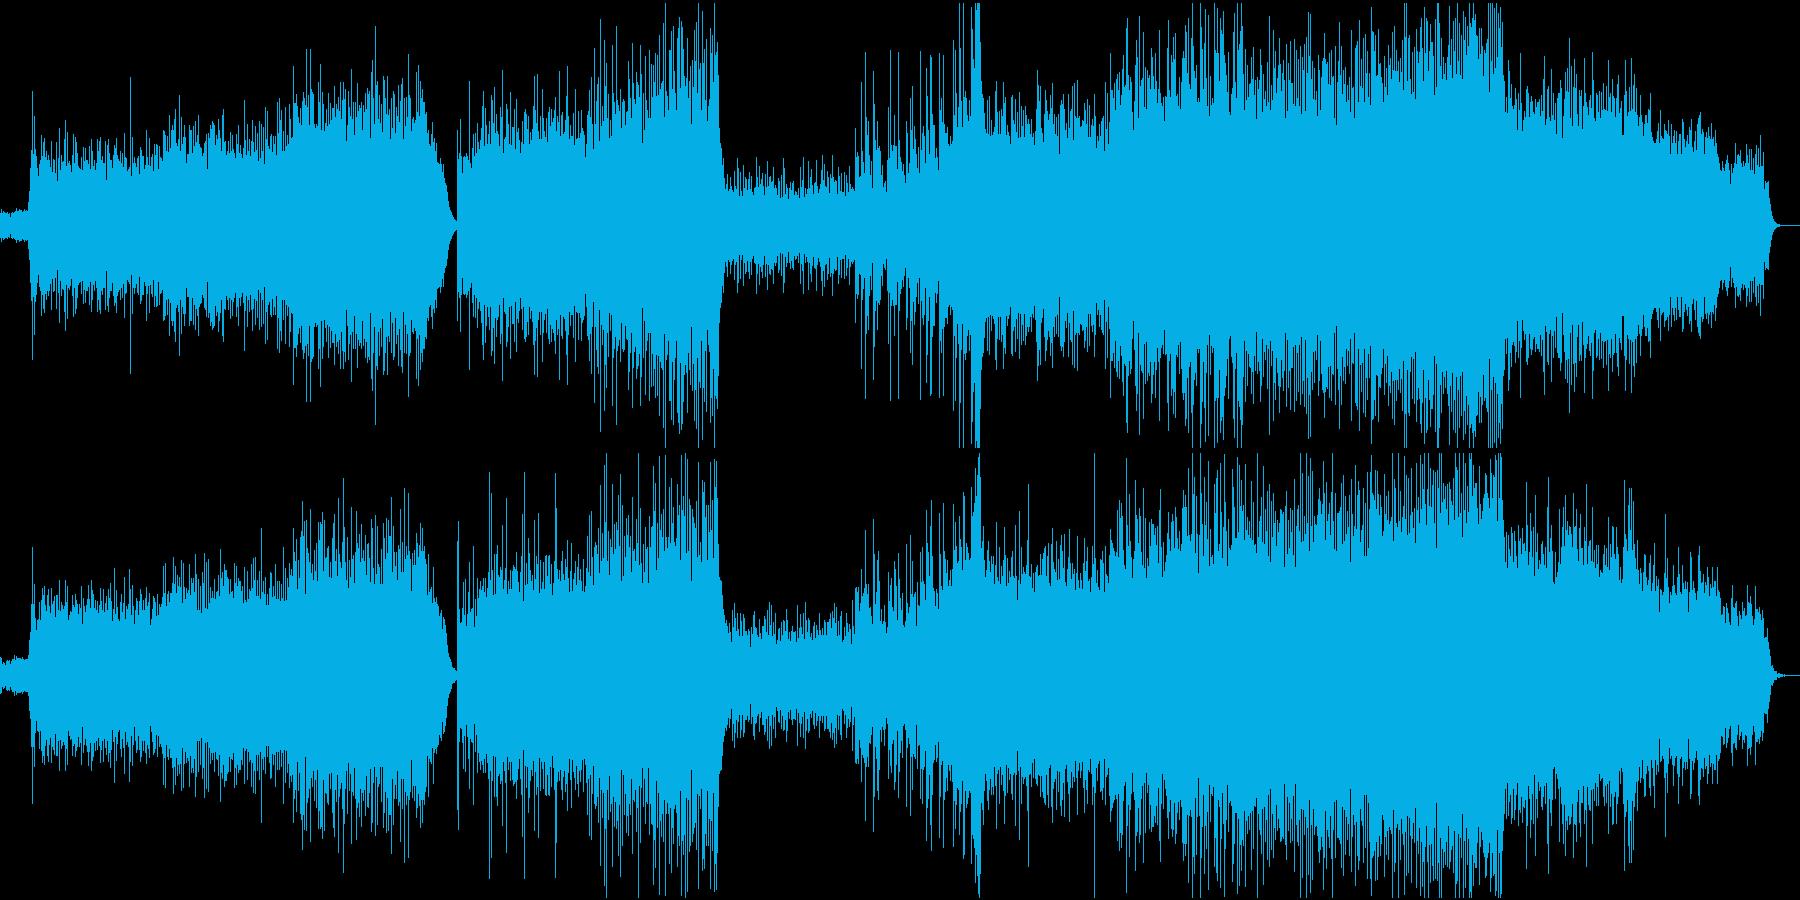 アジアンテイストエレクトロ哀愁系の再生済みの波形